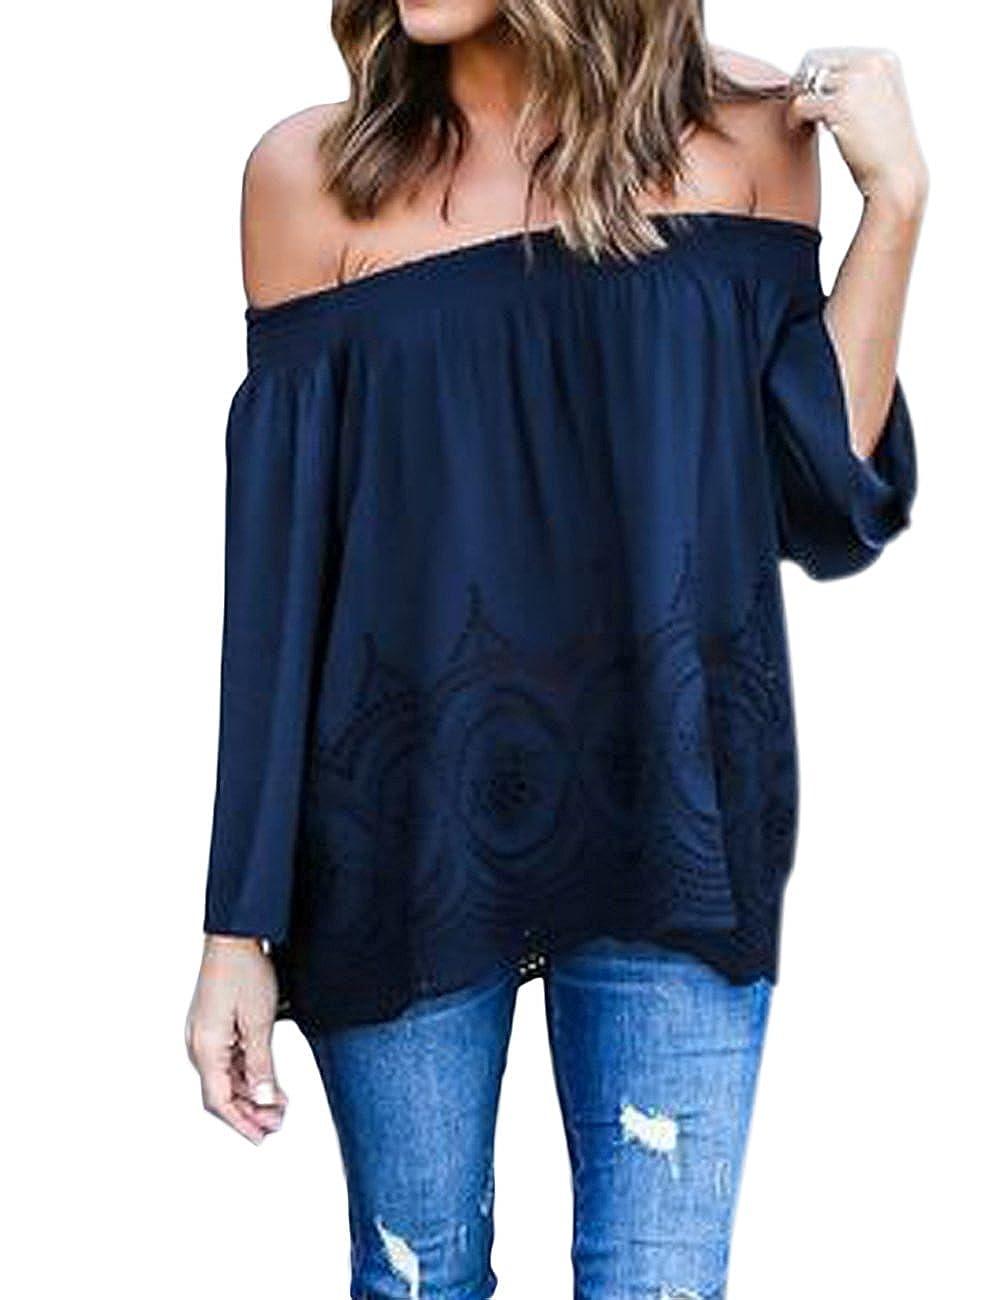 Minetom Blusa Camiseta Casual Elegante Verano Playa Cuello Barco Mangas Largas para Mujer: Amazon.es: Ropa y accesorios